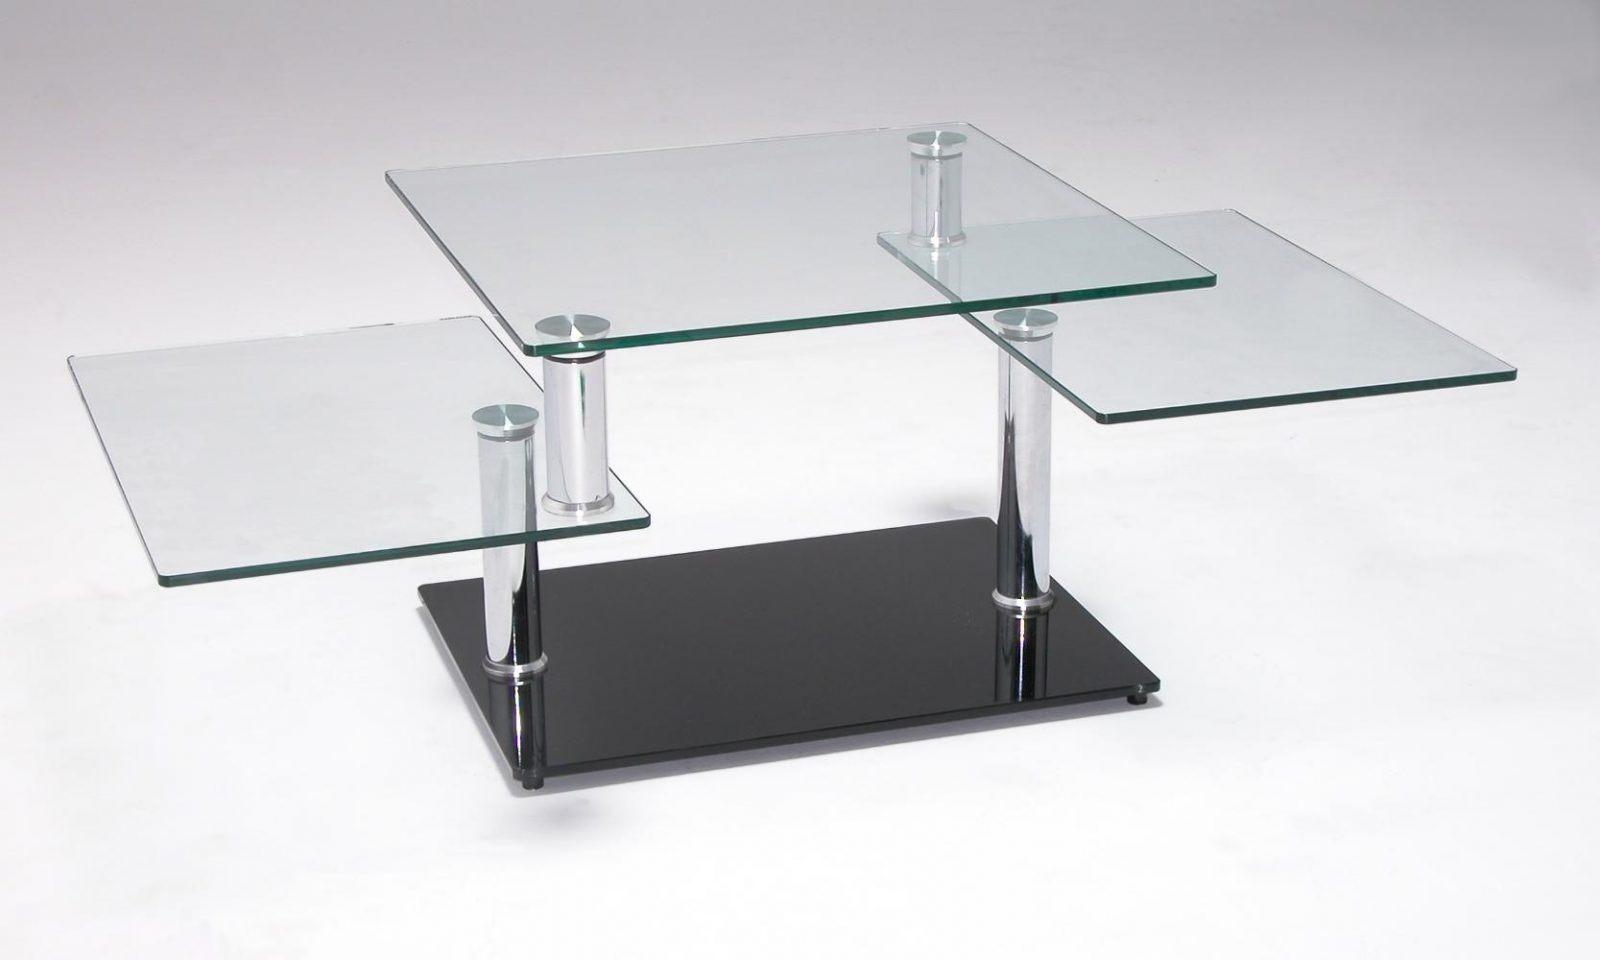 Mesa de centro moderna de vidro fotos e imagens for Mesa moderna